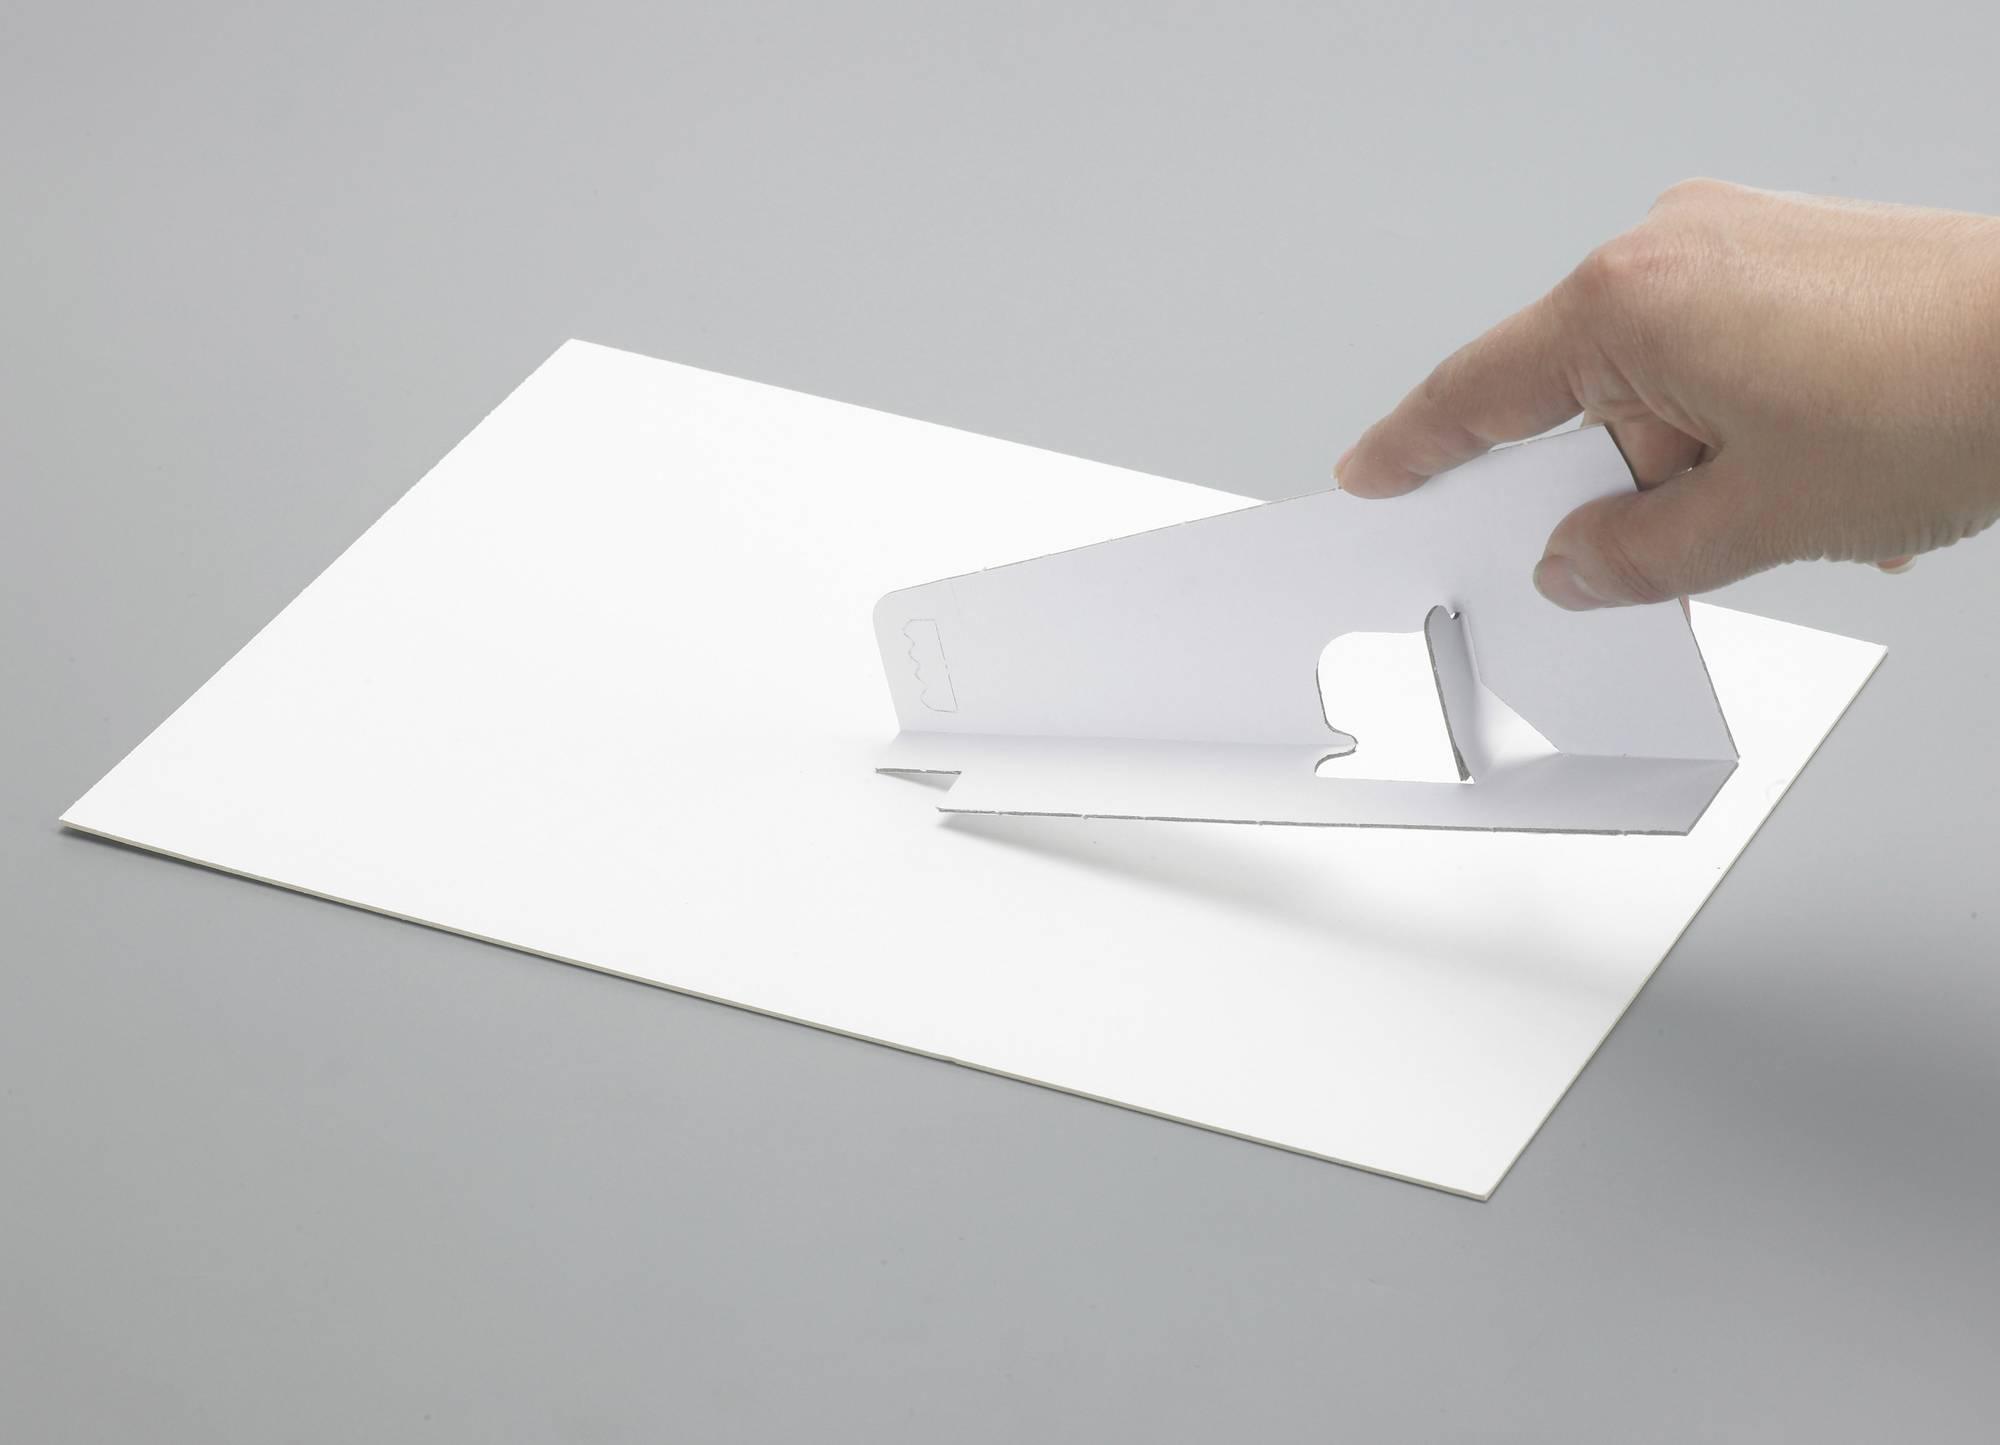 Anwendung: Selbstklebender Präsentationsständer aus Karton in weiß, B 9,5 x H 18 cm